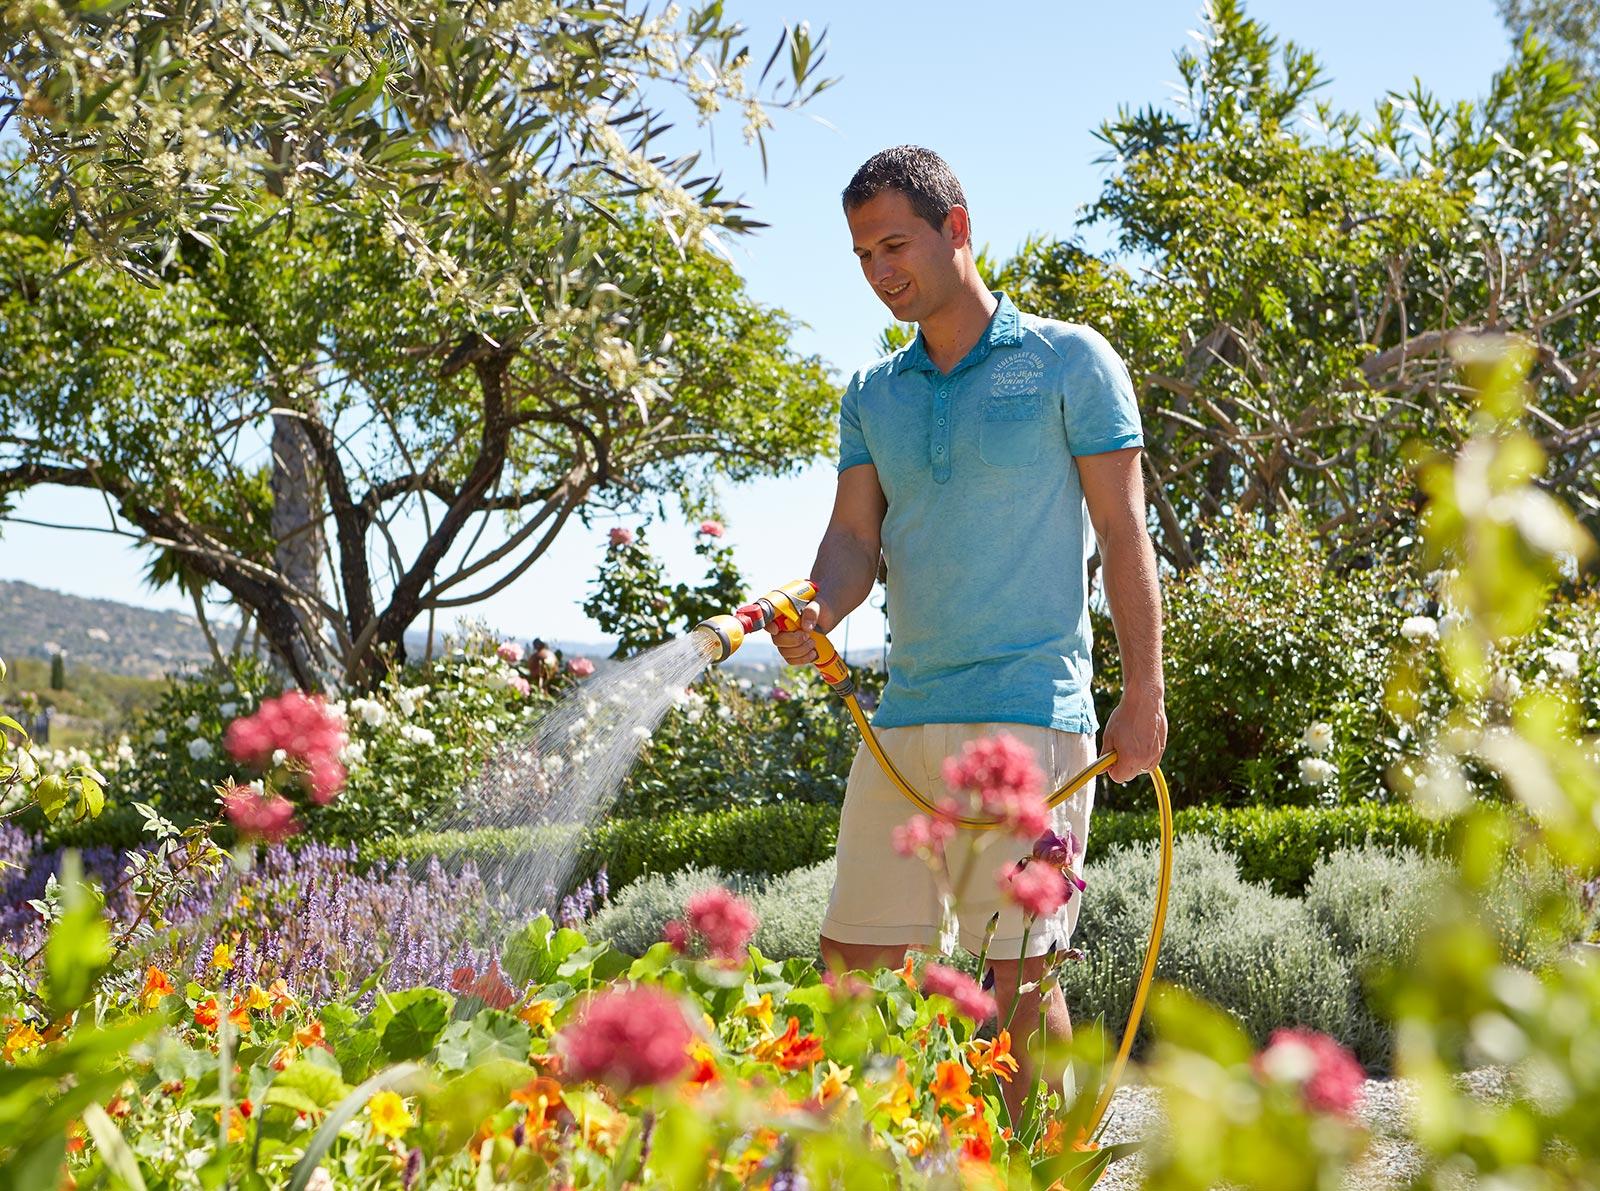 Человек поливает цветы картинки